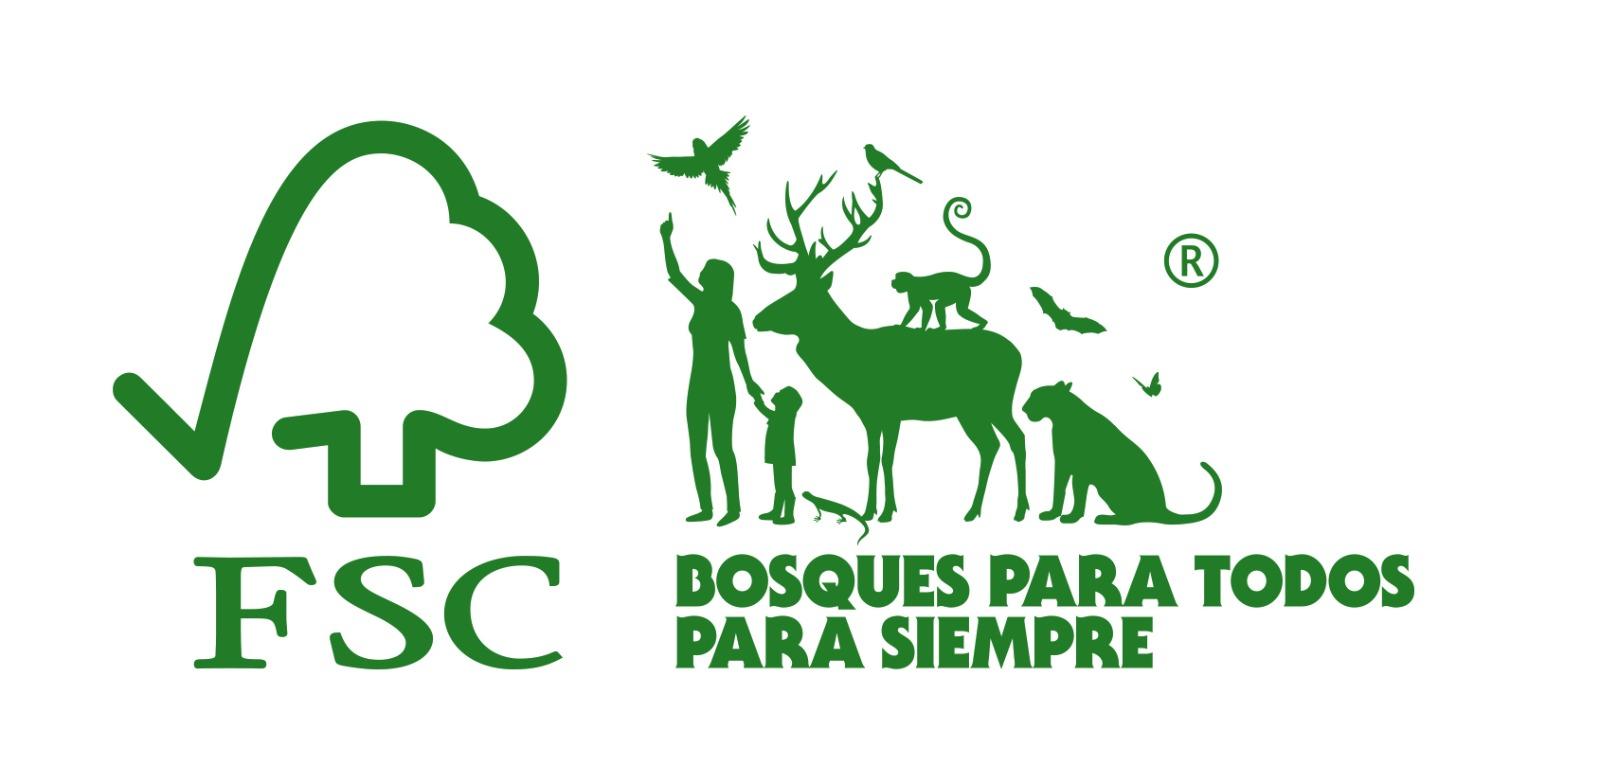 certificado-FSC-bosques